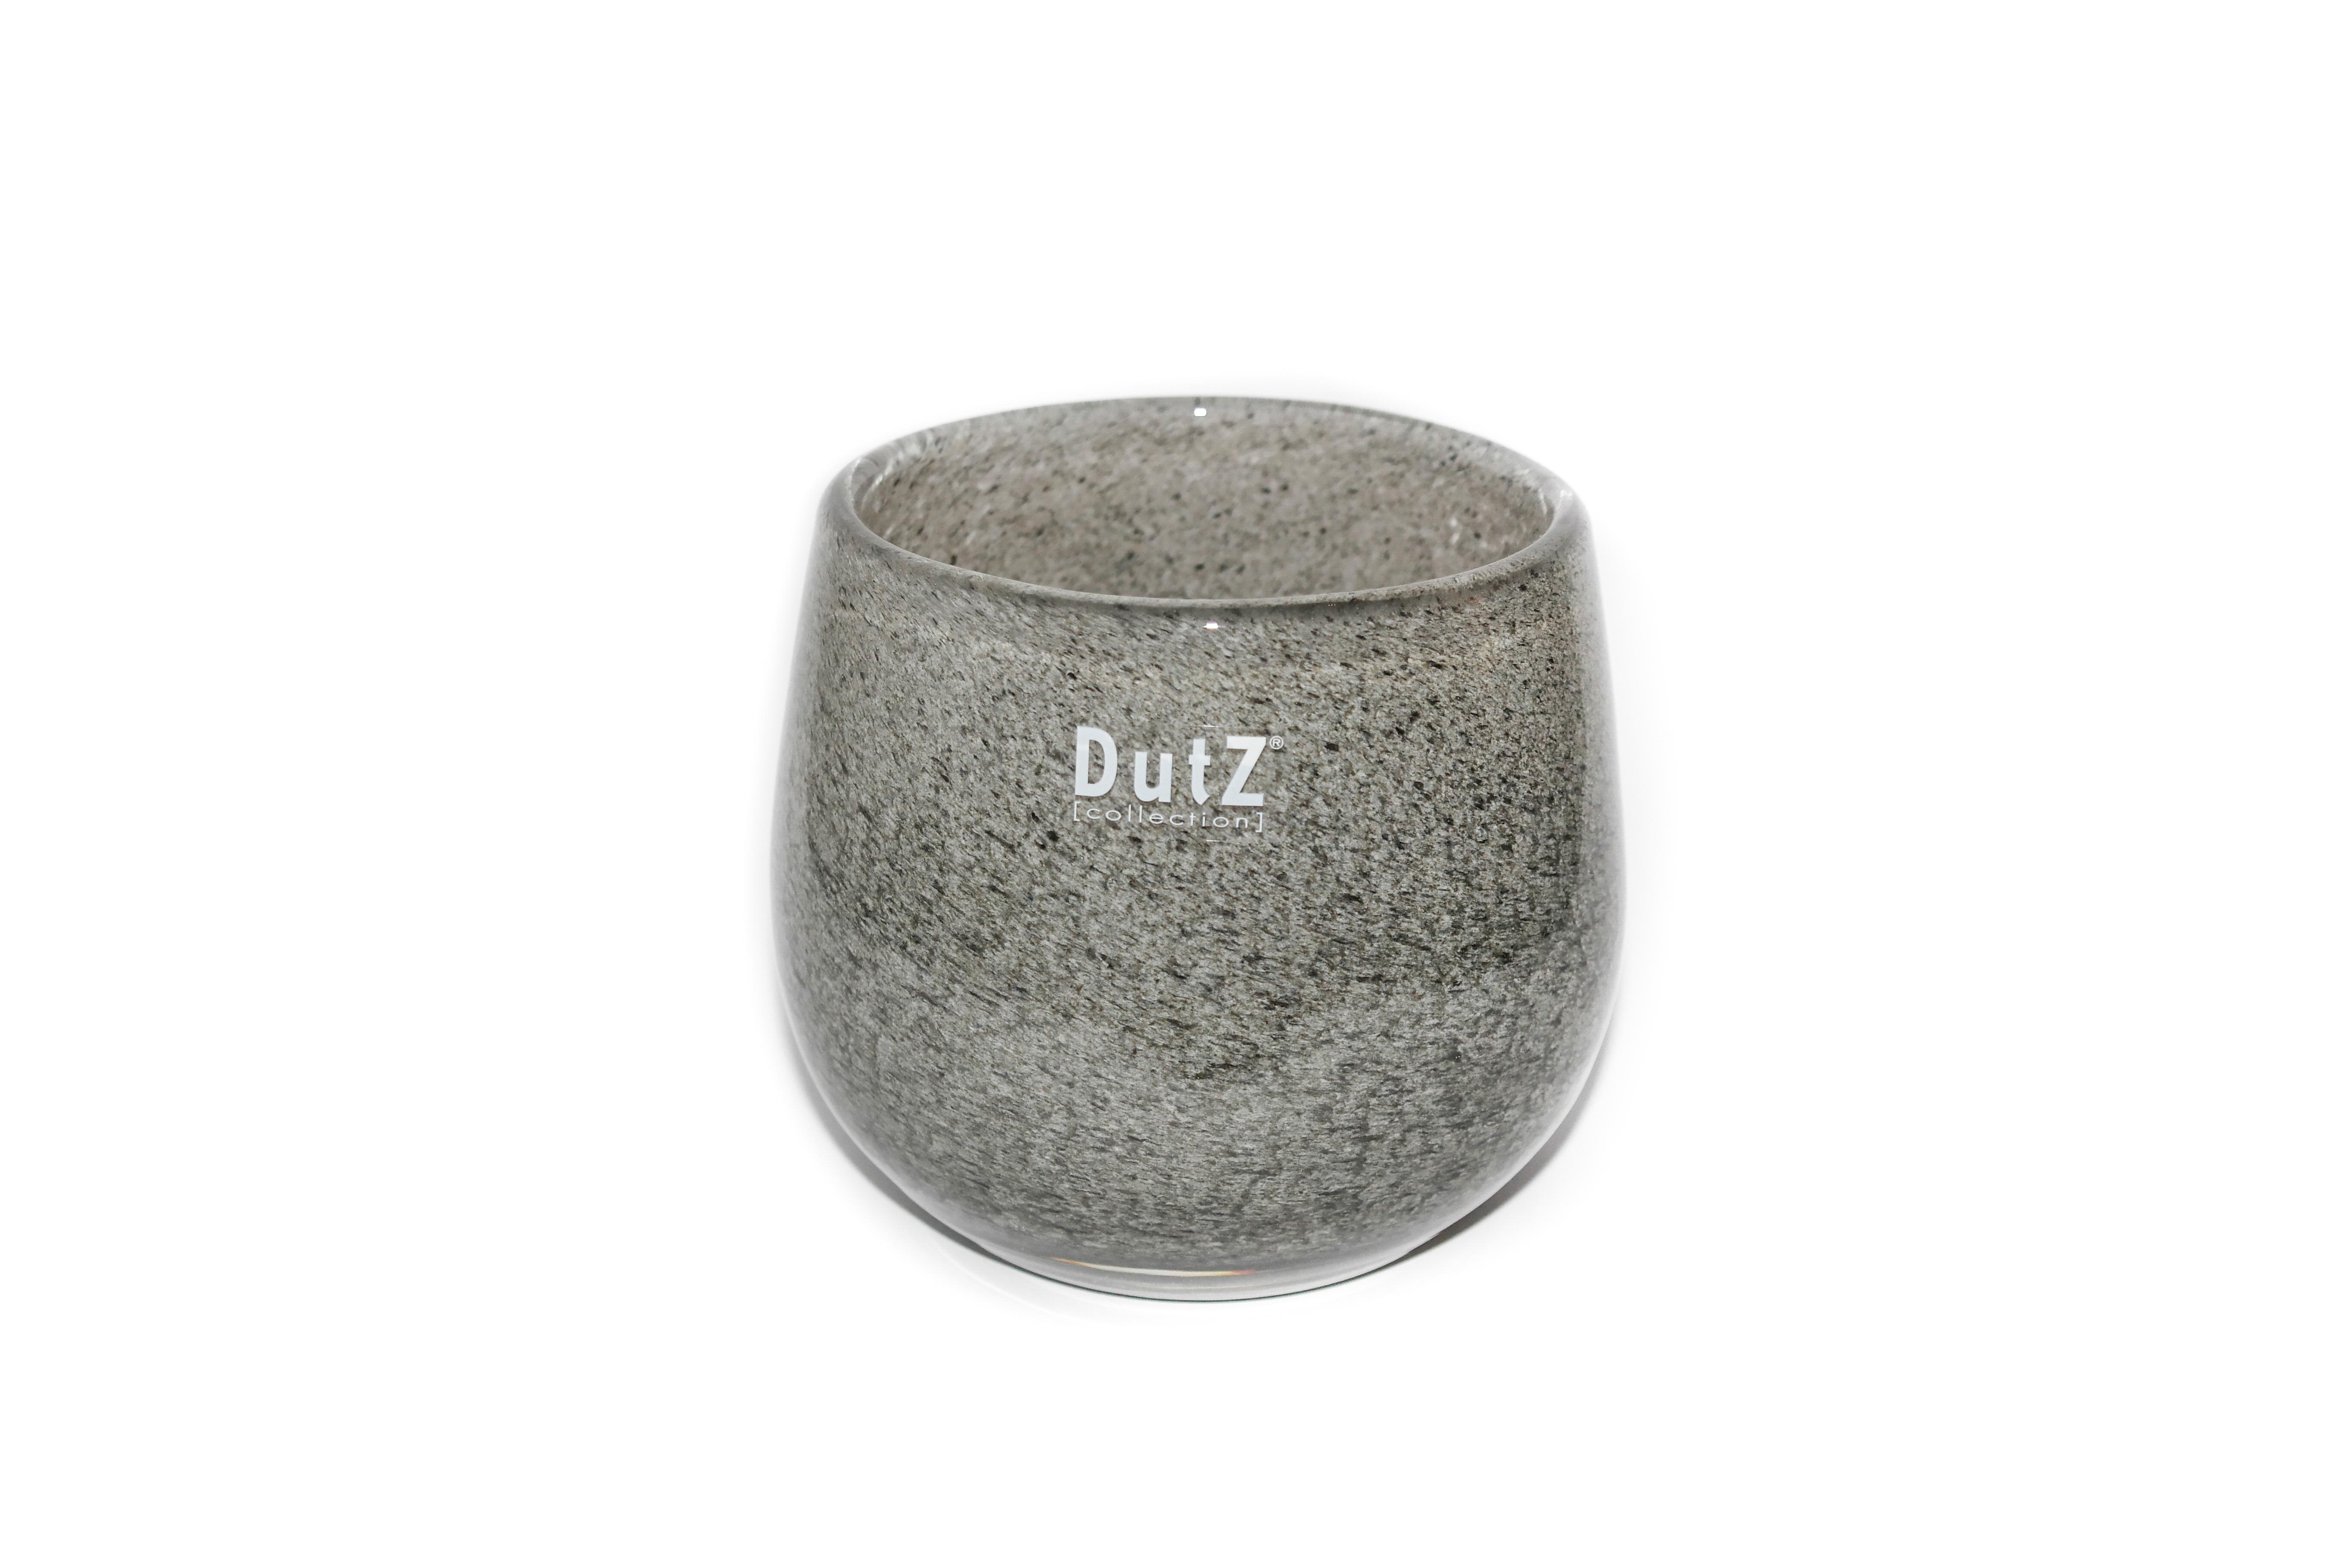 Dutz Vase Pot New Grey Verschiedene Größen Dammann Nottuln